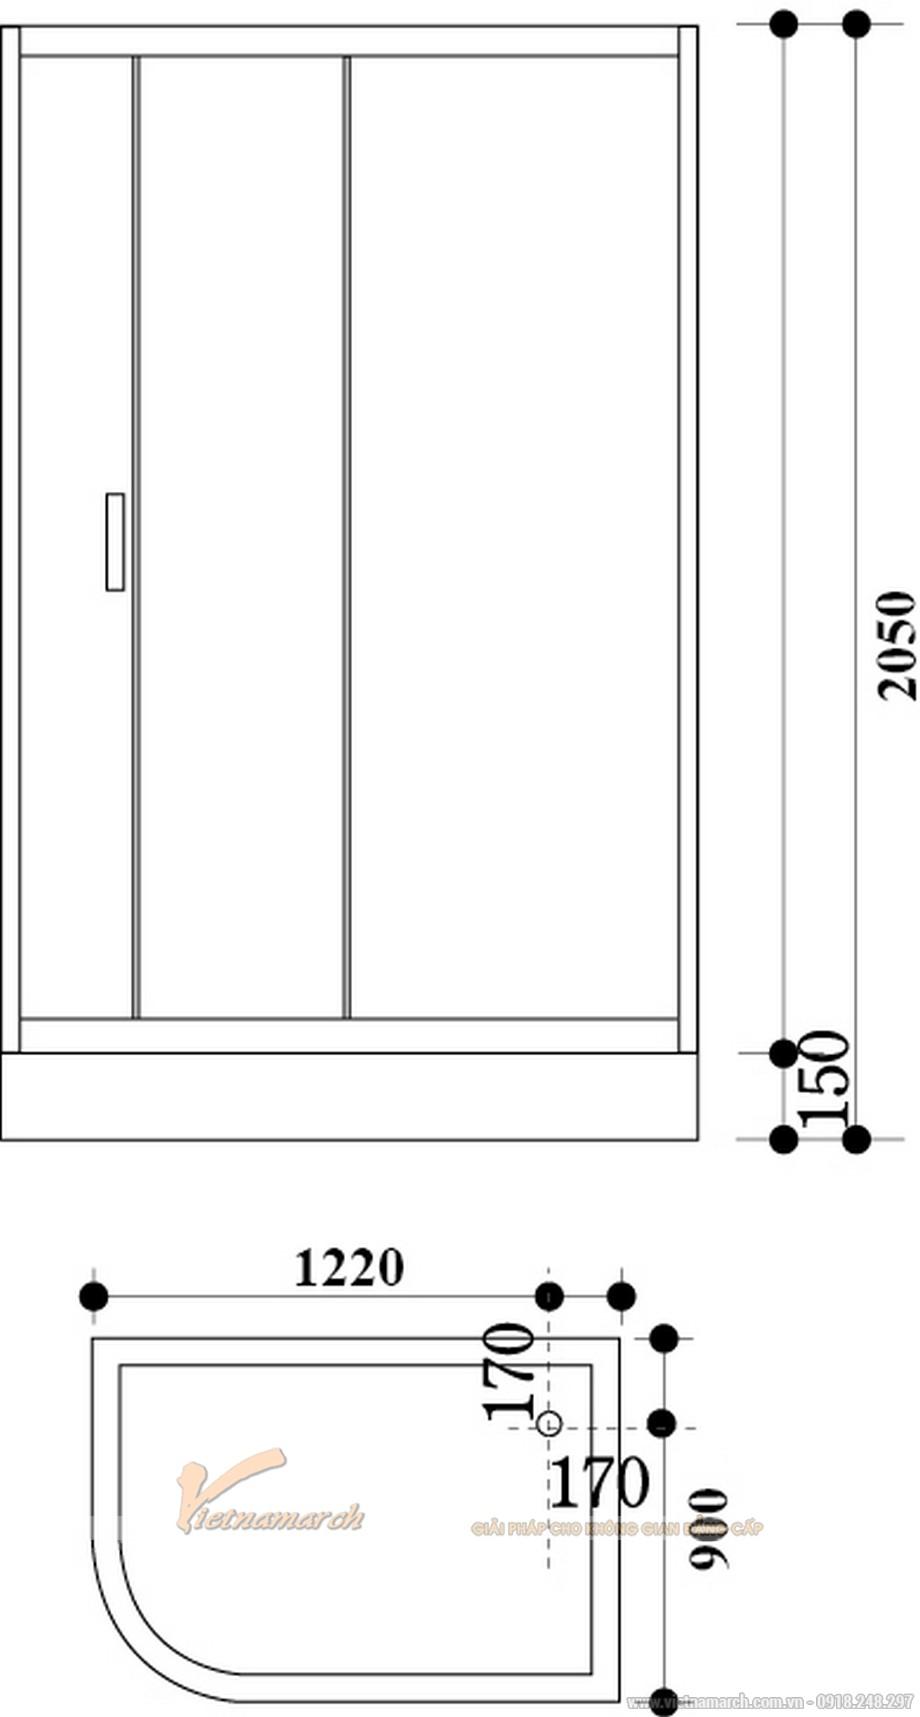 Kích thước bồntắm đứng Govern JS 8130 đặt gócđế thấp